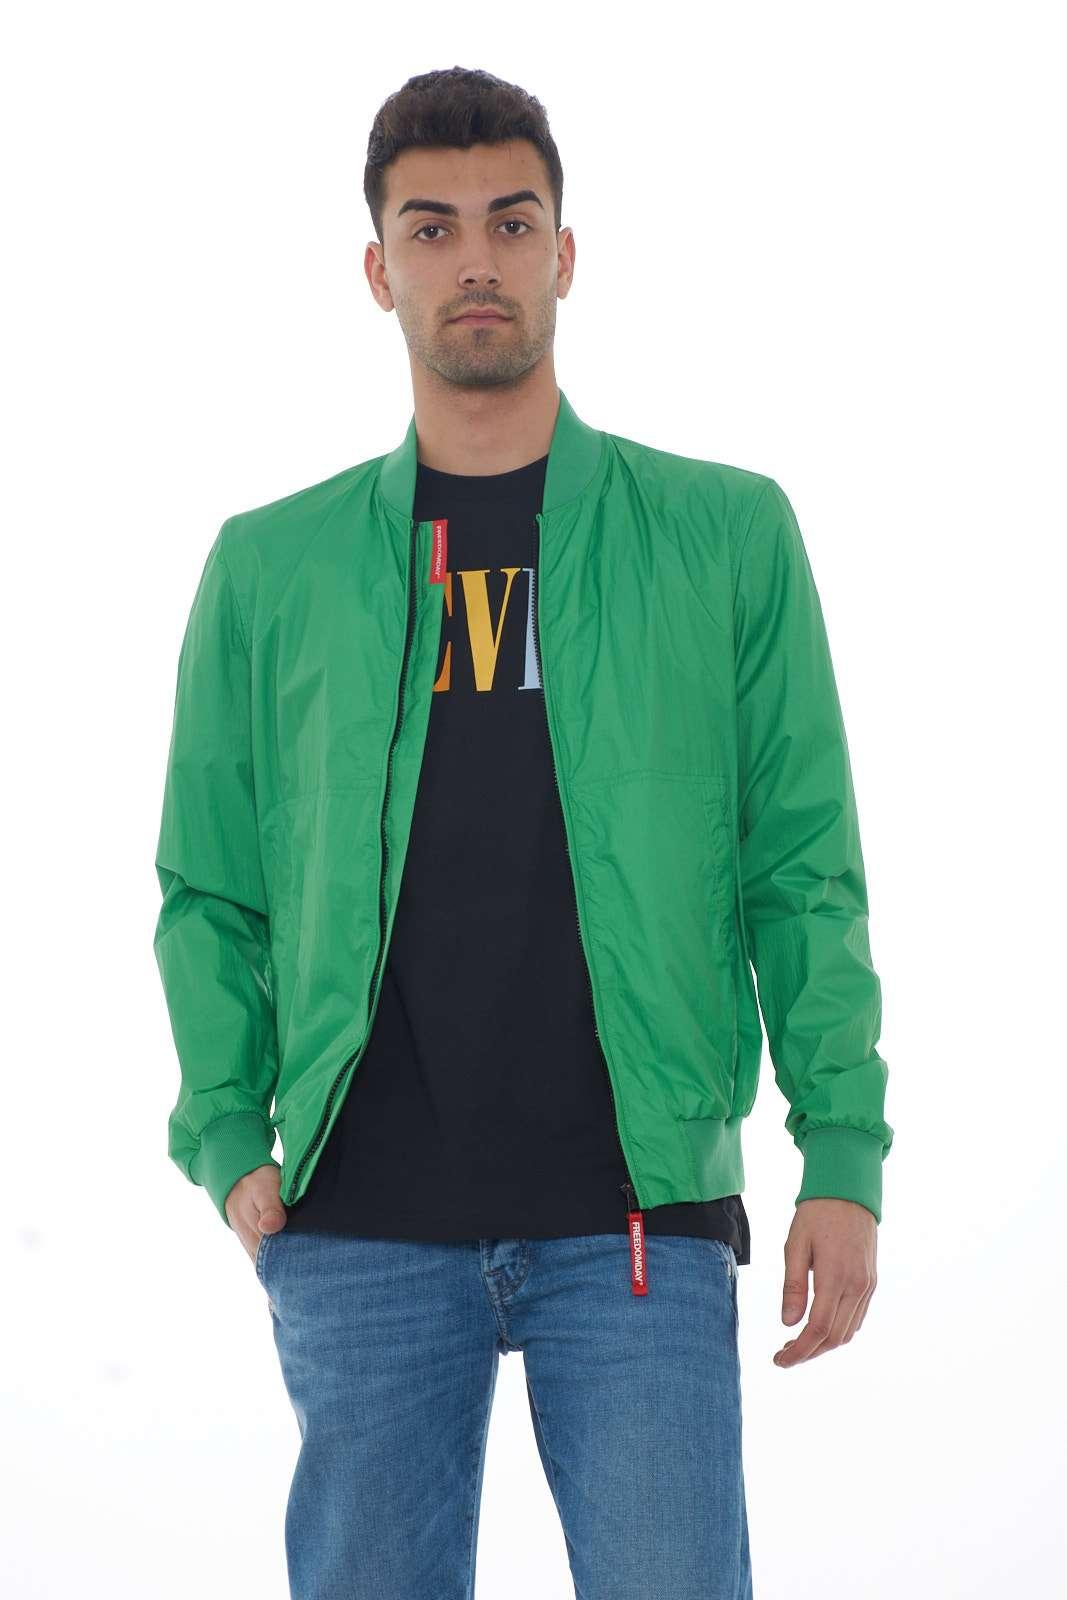 Una giacca leggera, moderna, e chic, firmata FreedomDay. Il modello MARTIN, si presenta con collo alla coreana, e zip anteriore, per un look casual e trendy, perfetto da indossare per la mezza stagione, nelle occasioni più informali. Il modello è alto 1.80m e indossa la taglia M.